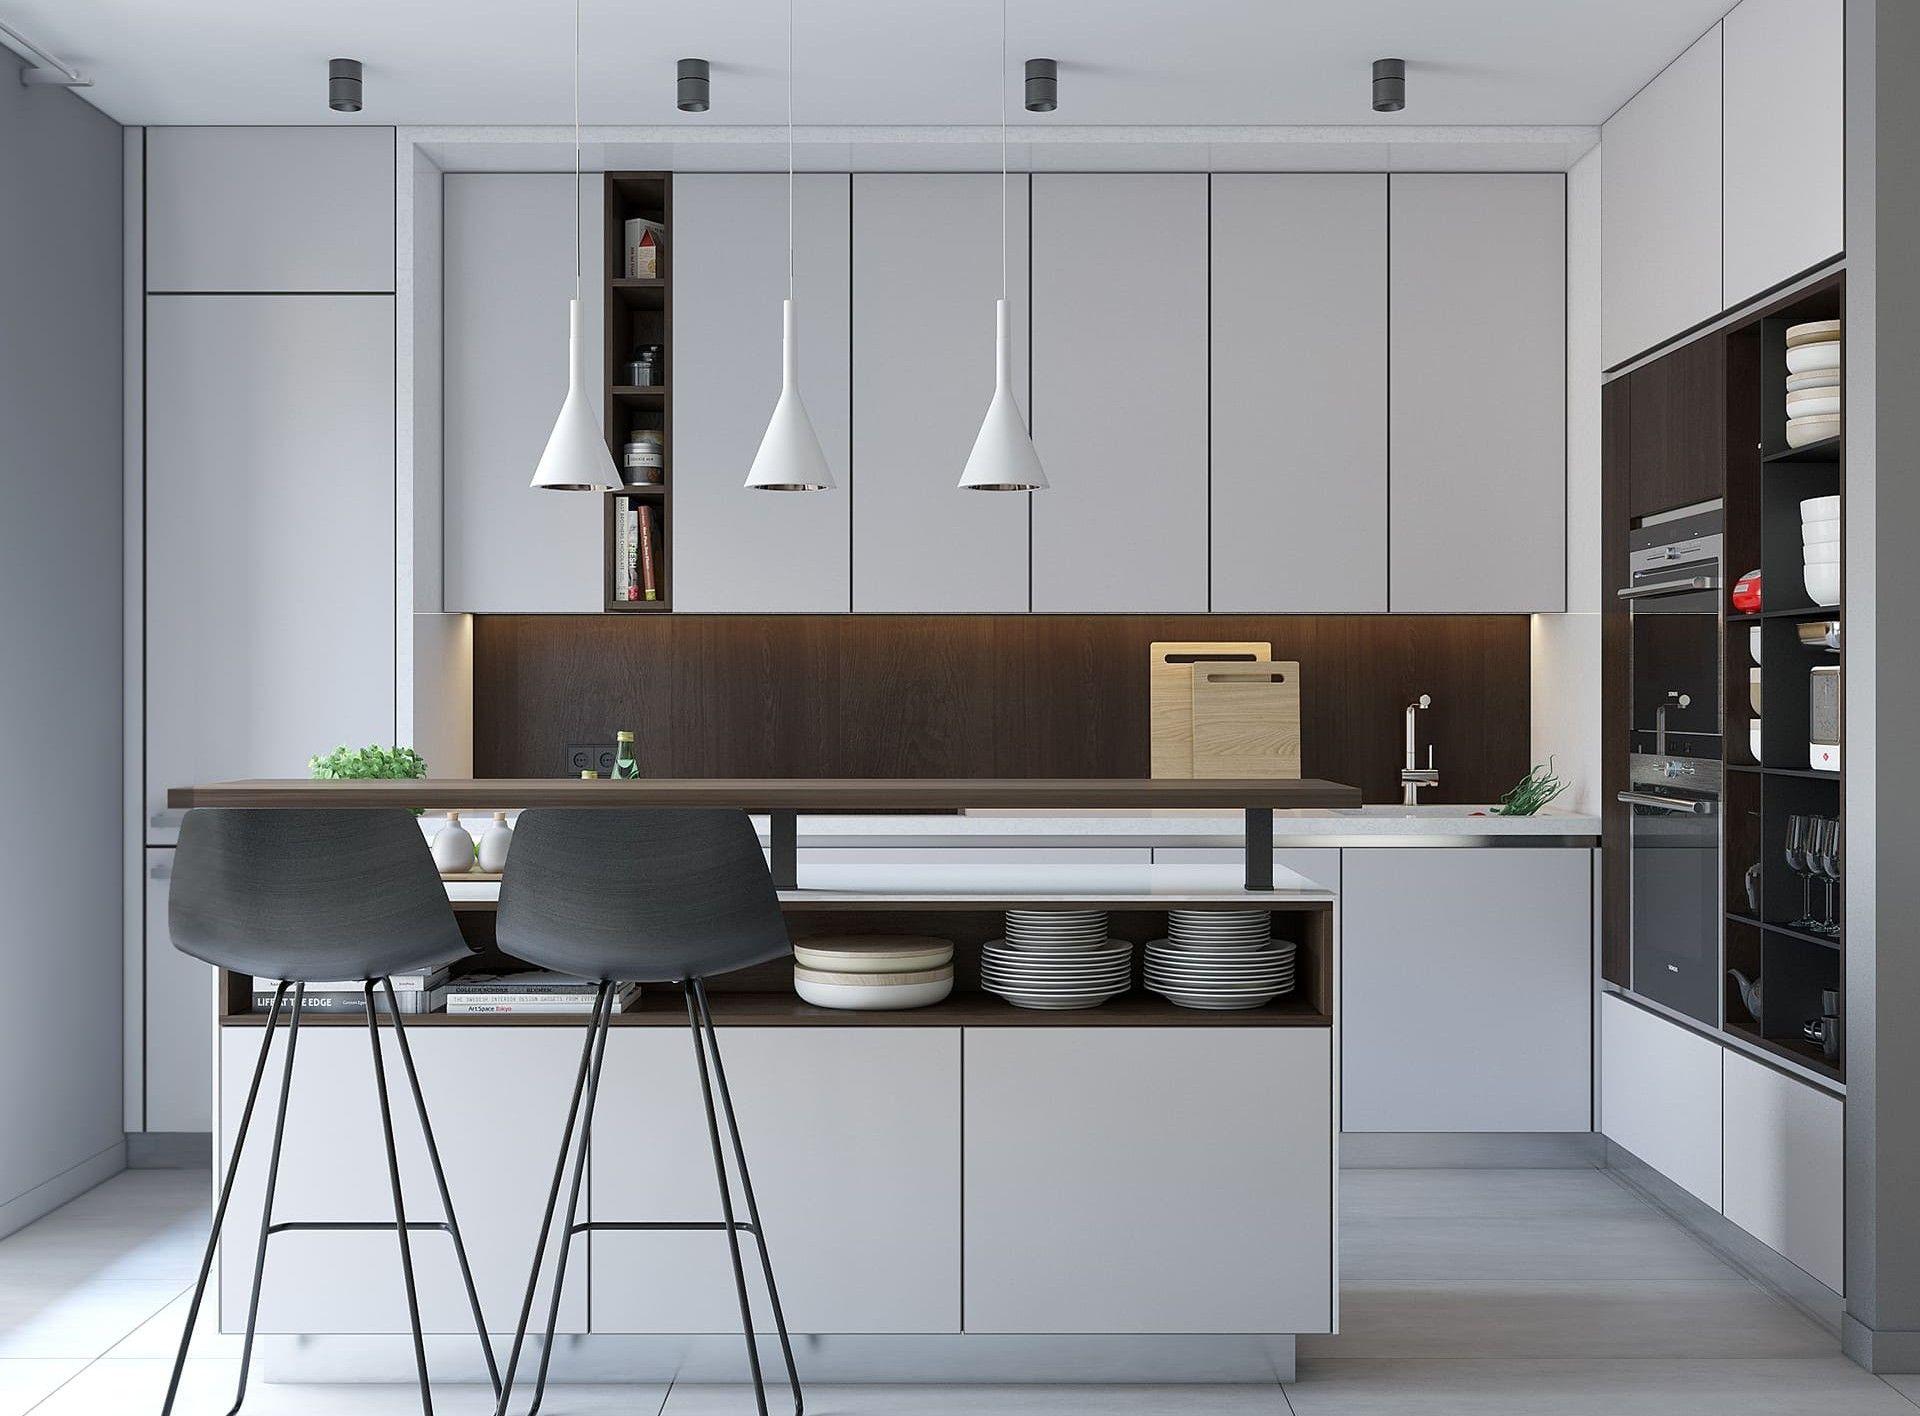 бреют полностью фото мини кухни в современном стиле подвесные